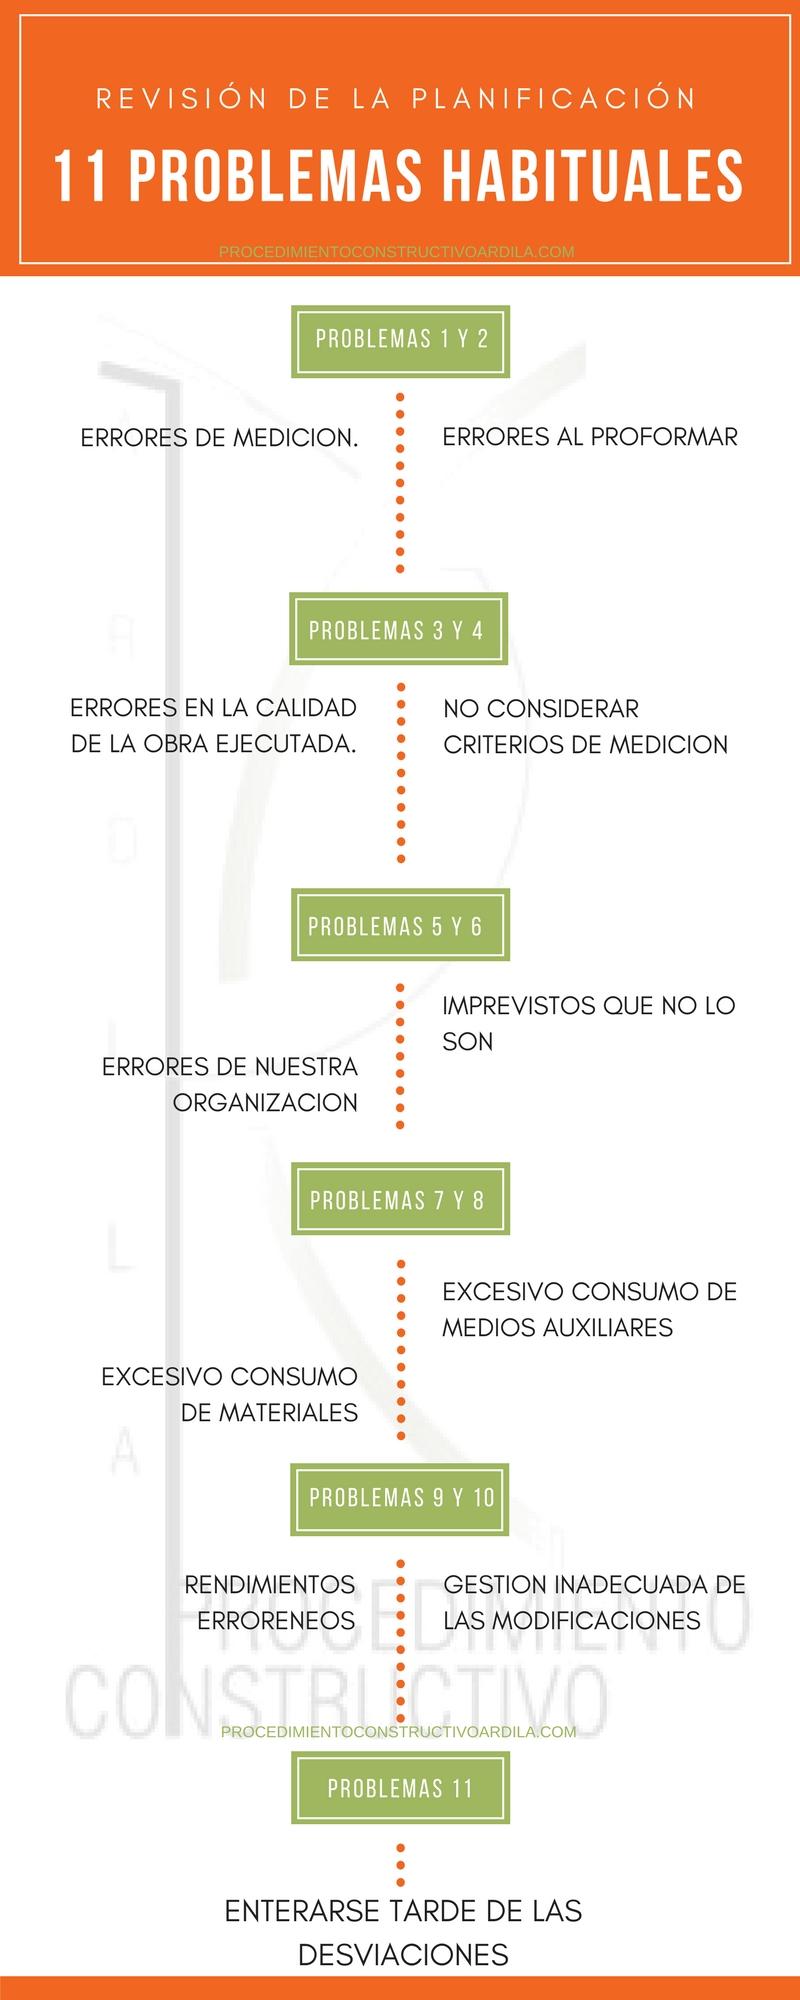 REVISION DE LA PLANIFICACION. PROBLEMAS